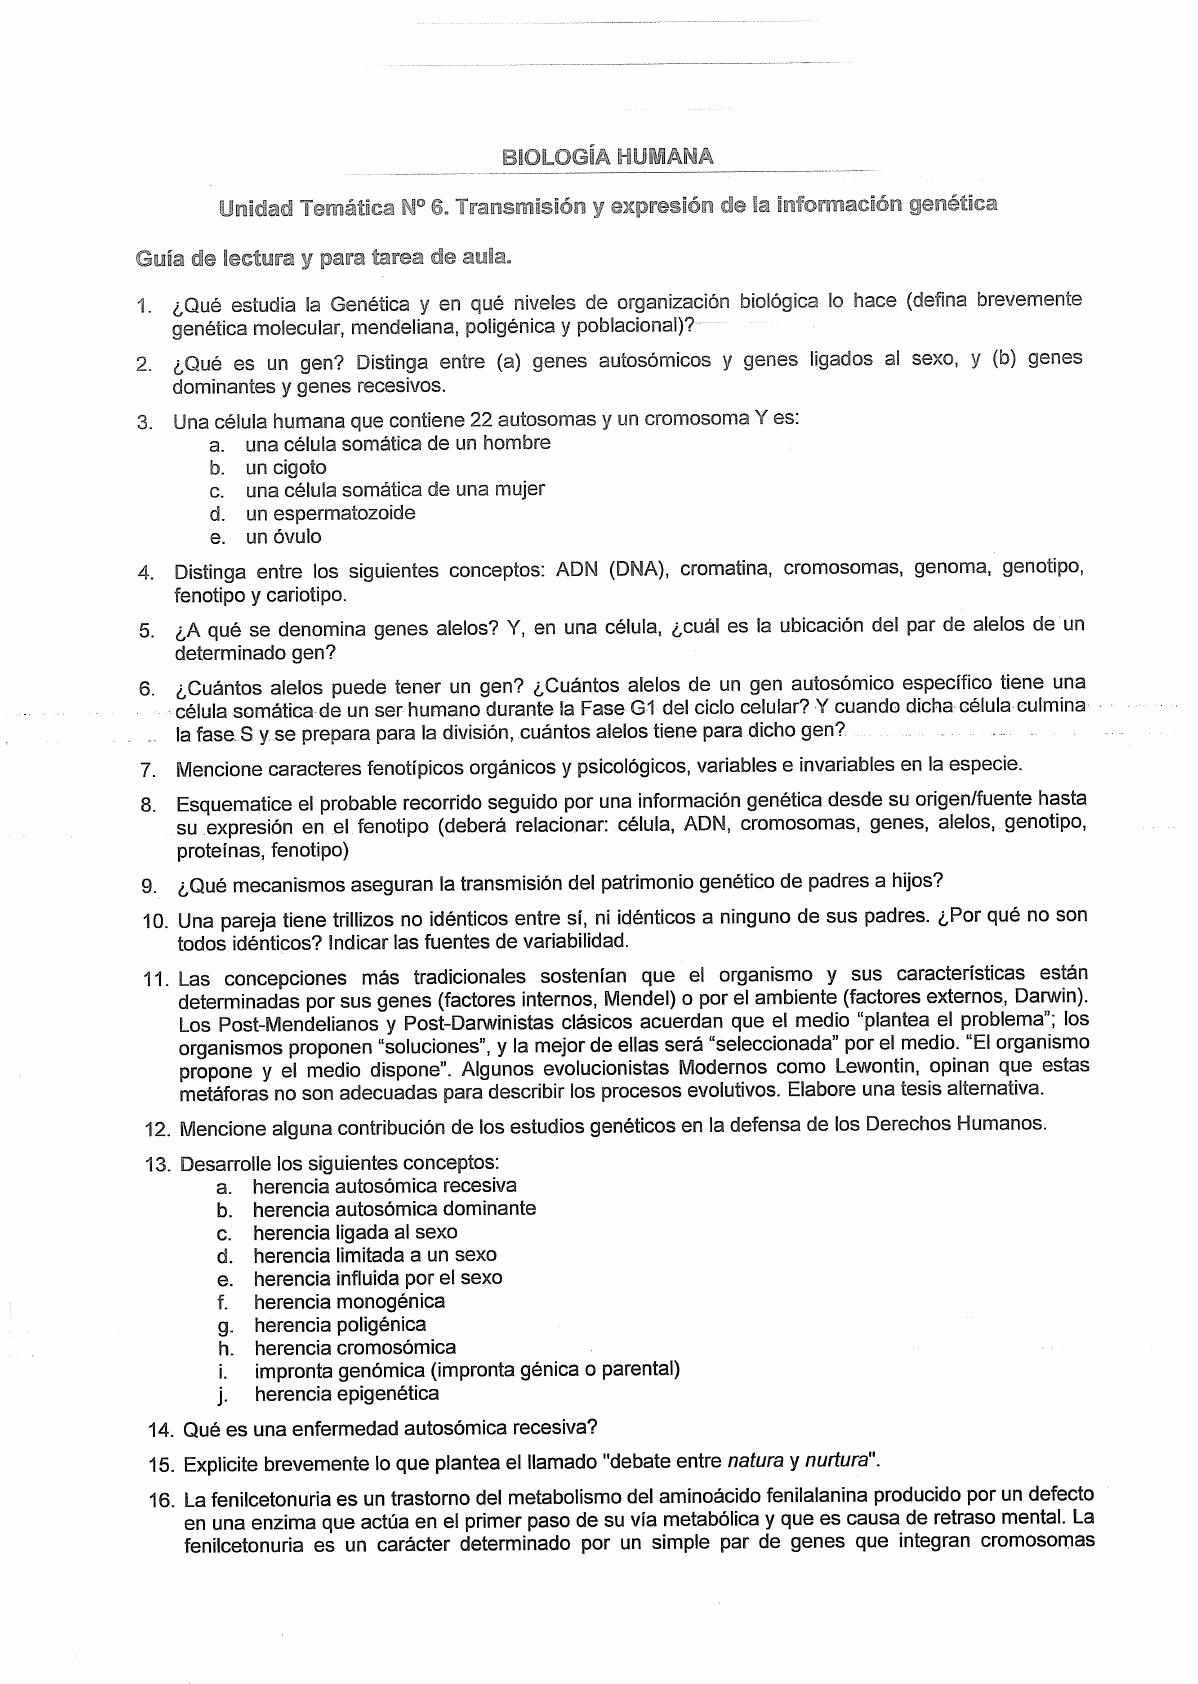 Modelo De Examen Preguntas Unidad 2 6 Y 7 Biologia Humana Psicologia Unr Filadd